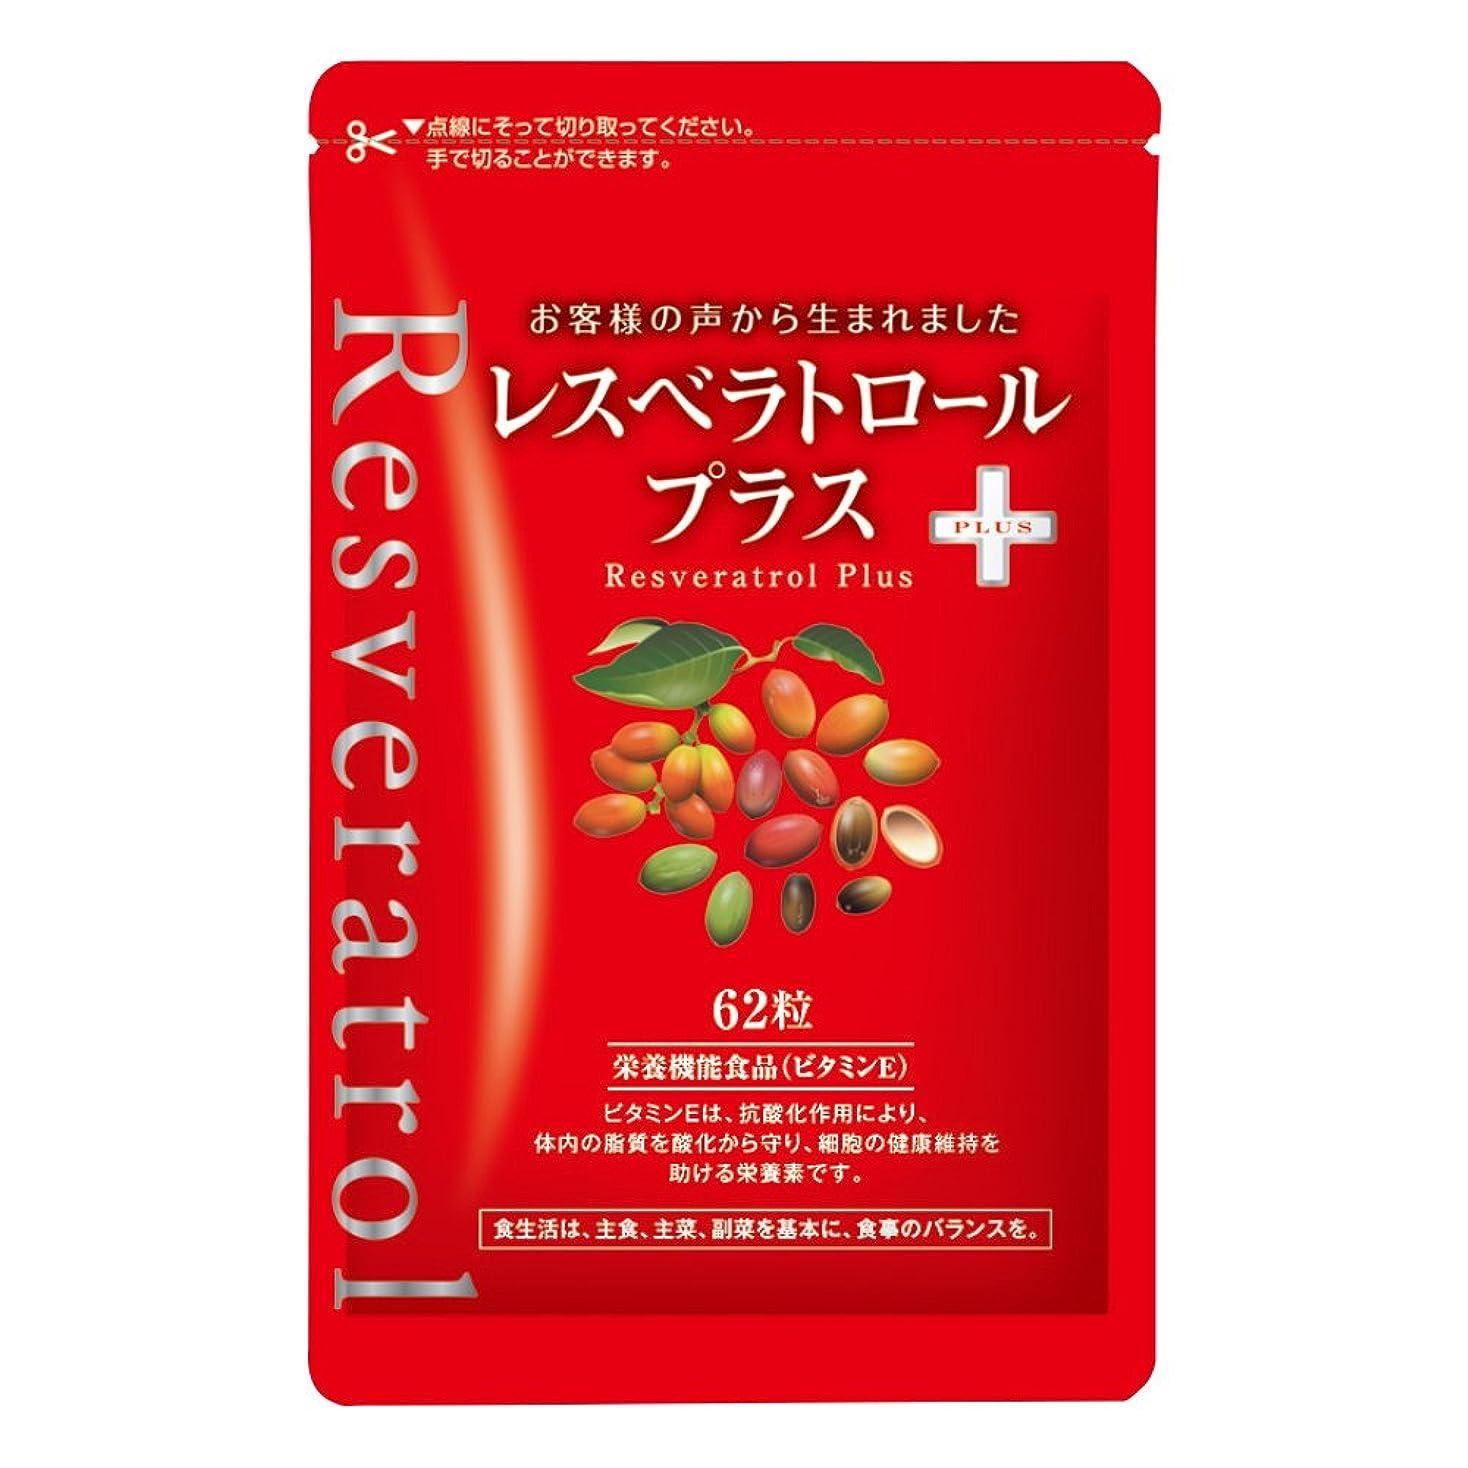 超高層ビルヘルパー傷つきやすいレスベラトロール プラス 62粒袋入/Resveratrol Plus <62 tablets> In a bag